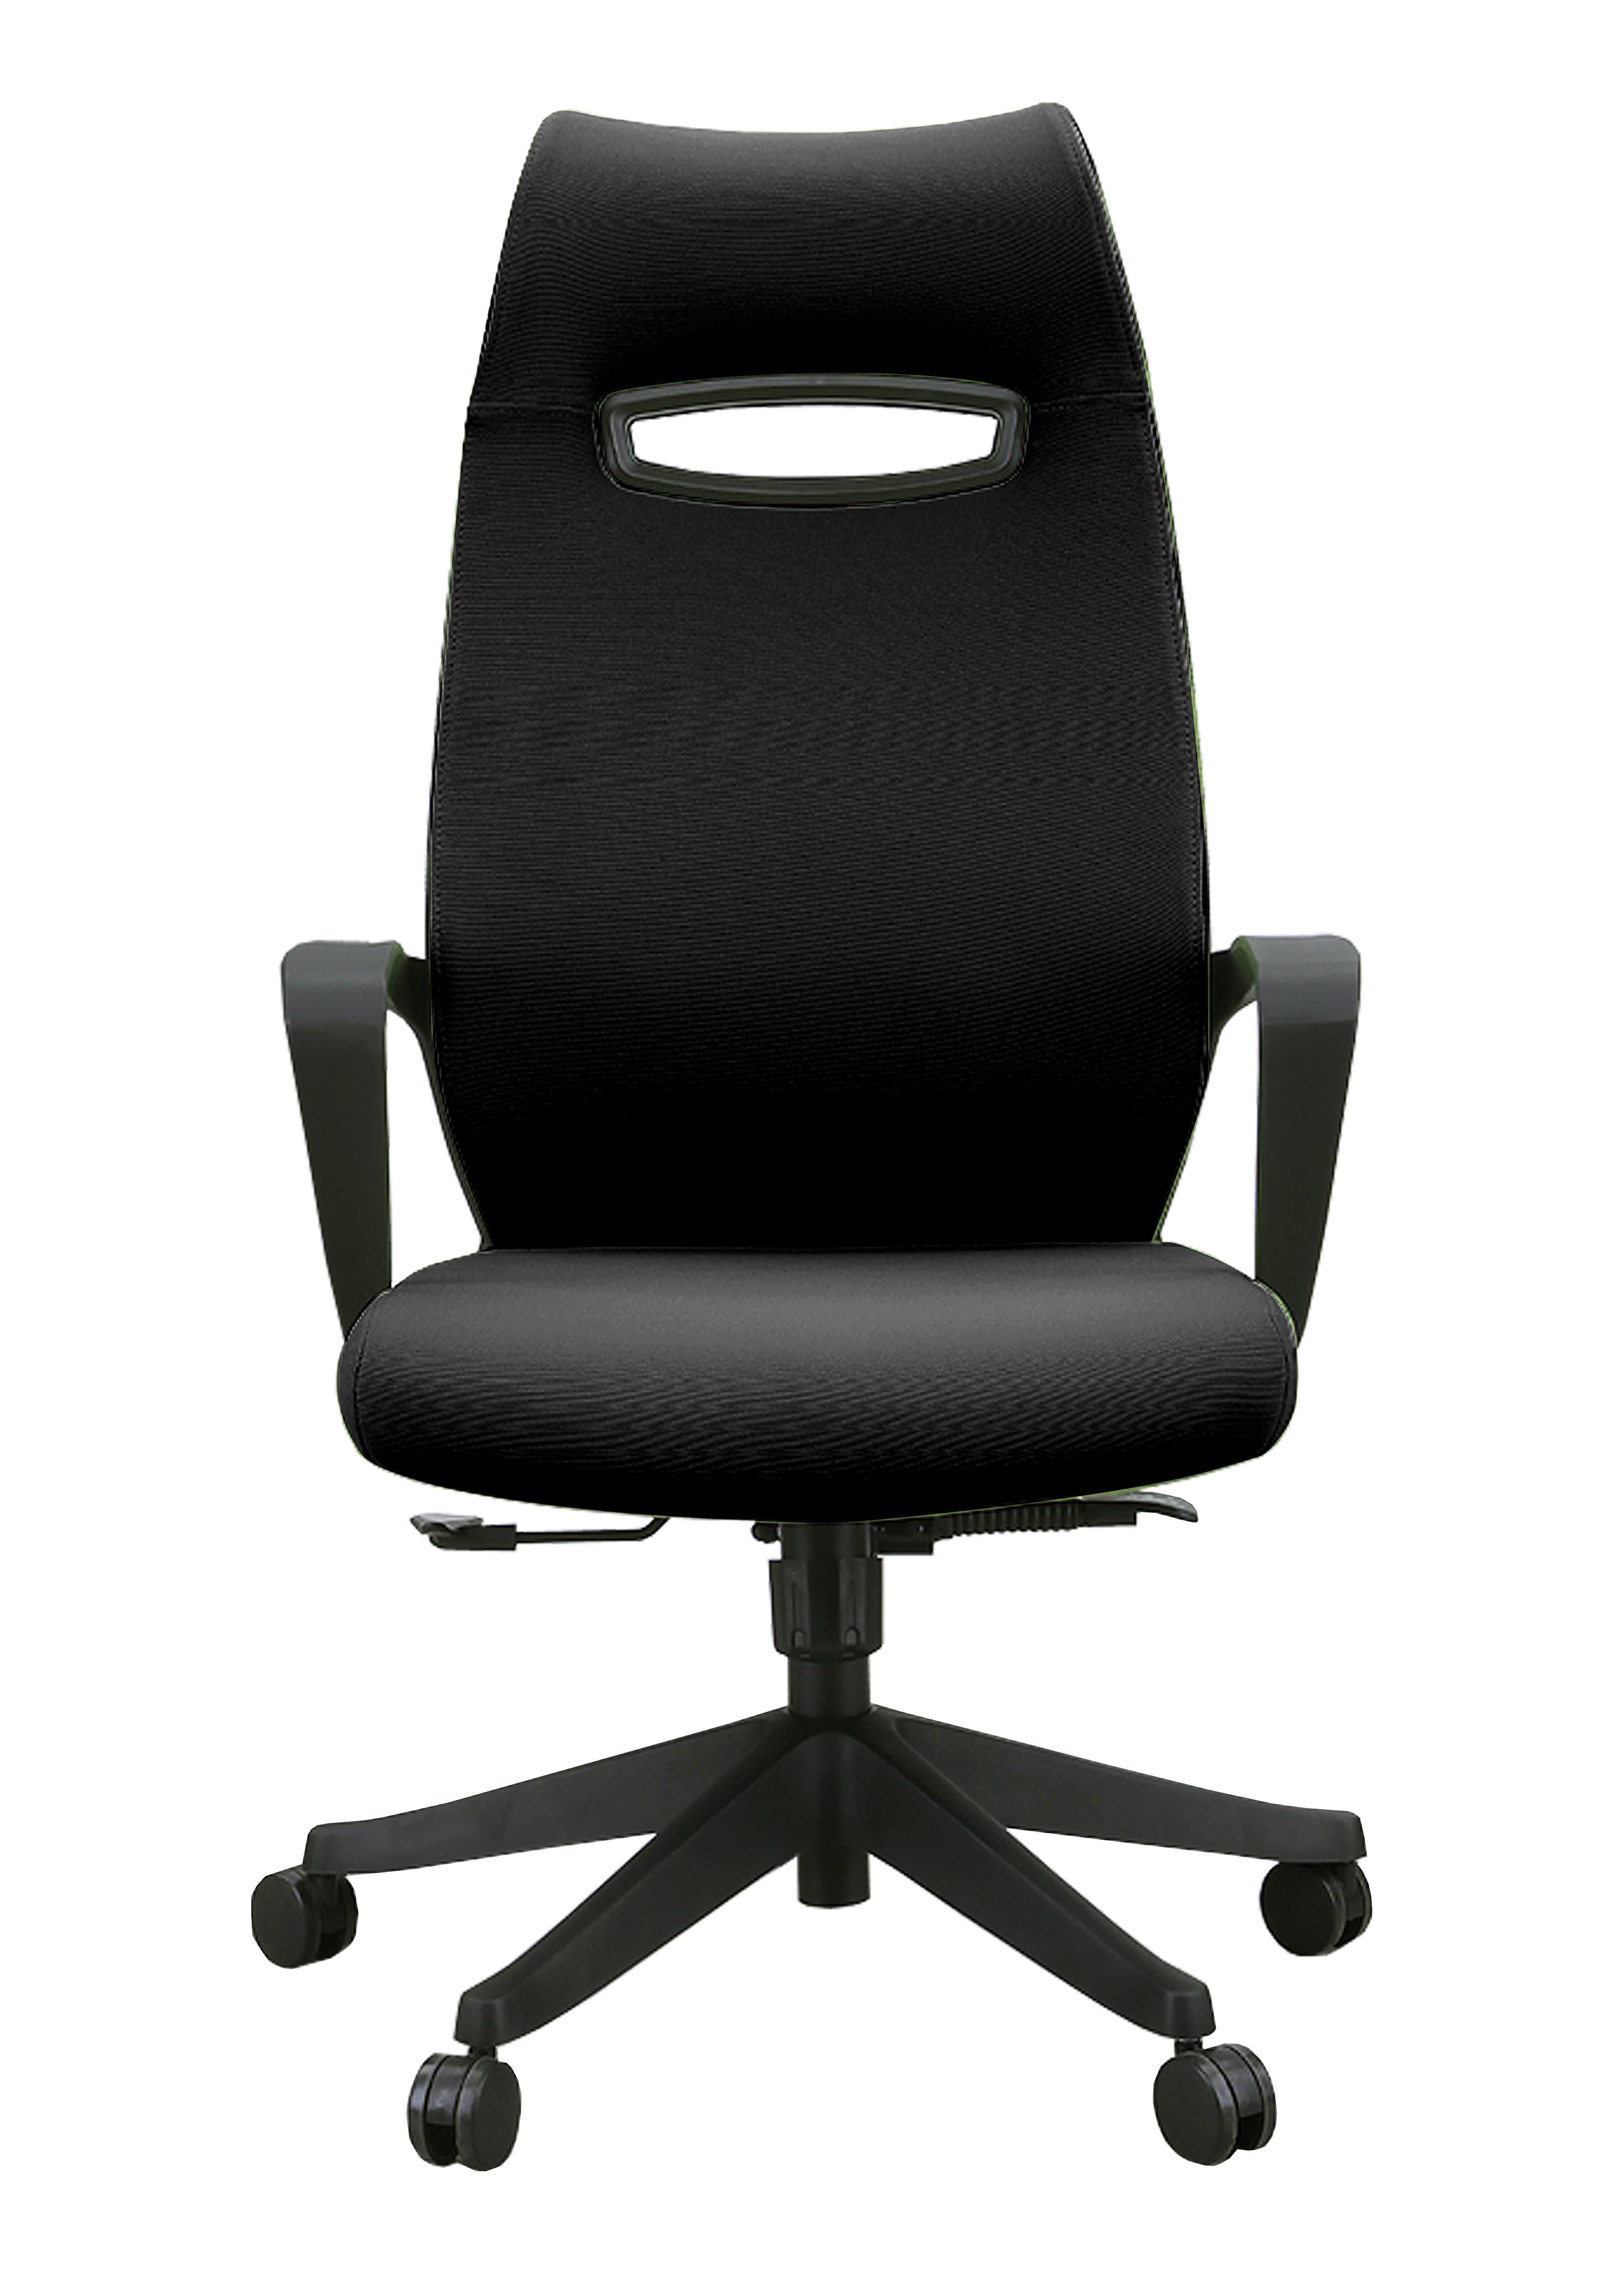 オフィスチェア ニード(ファブリック) ブラック